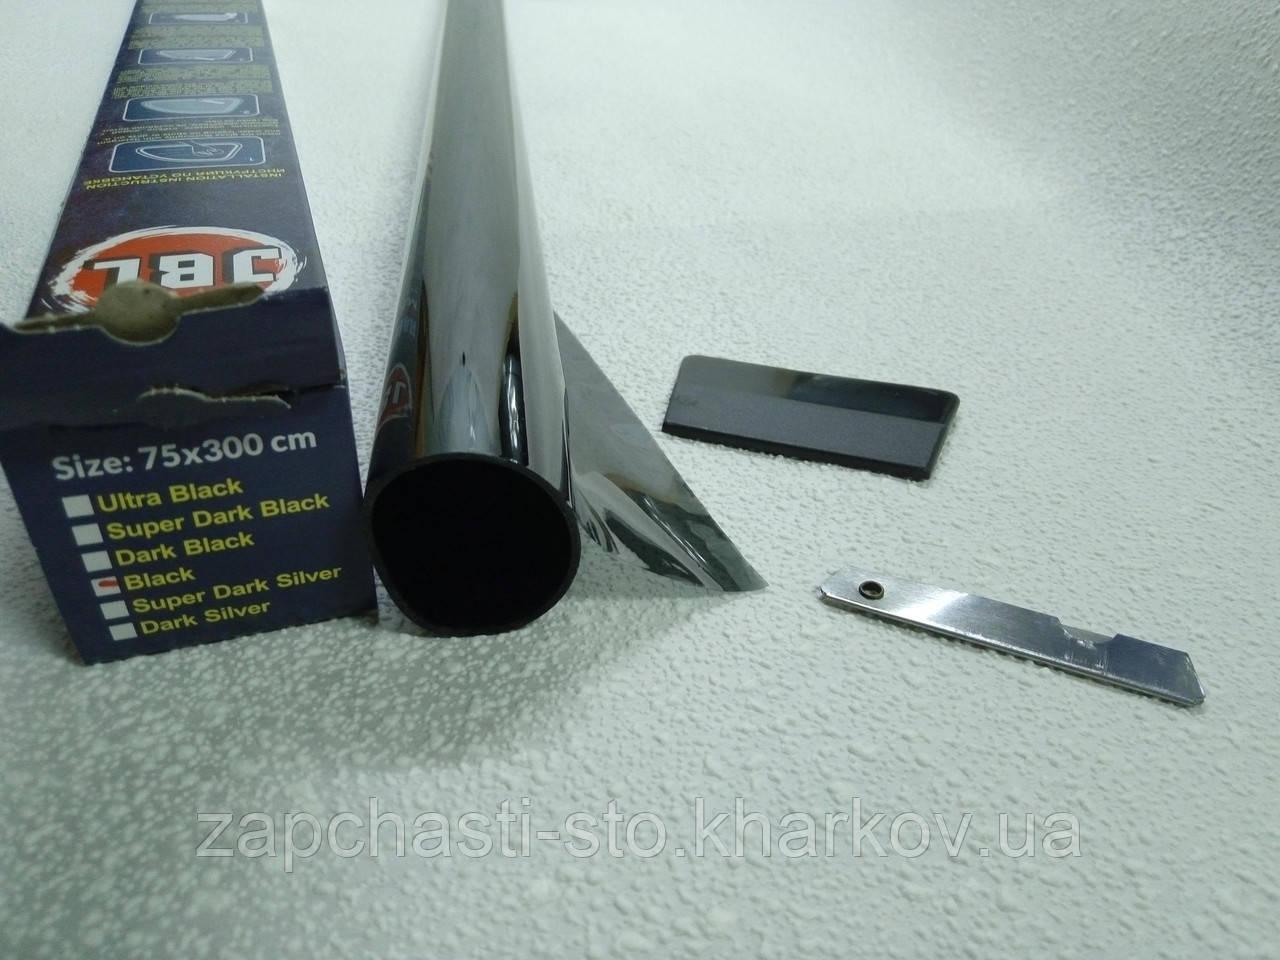 Тонировочная пленка 30% JBL Black темная 75Х300